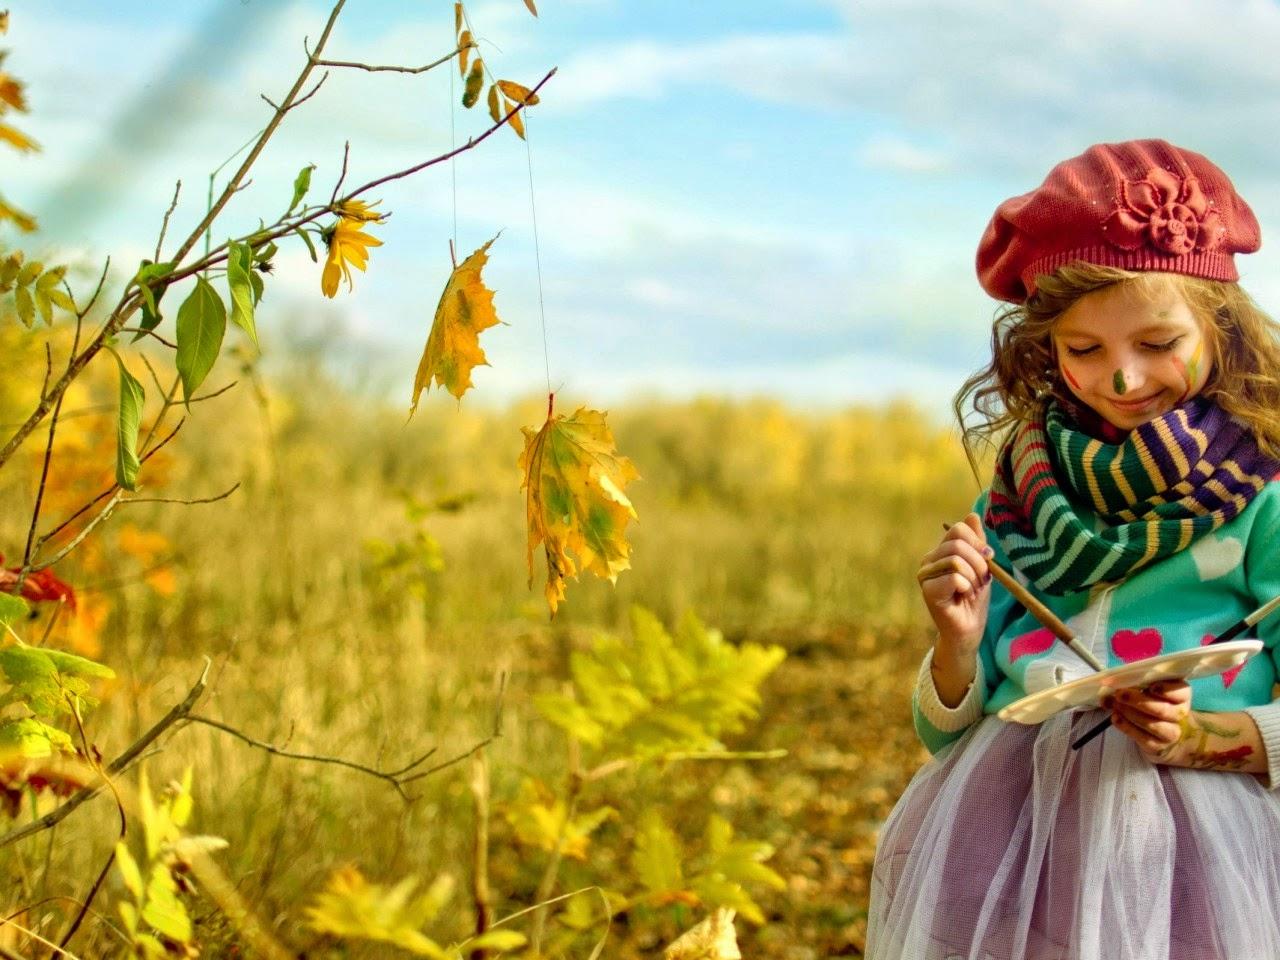 sweet girl nice in fram wallpaper